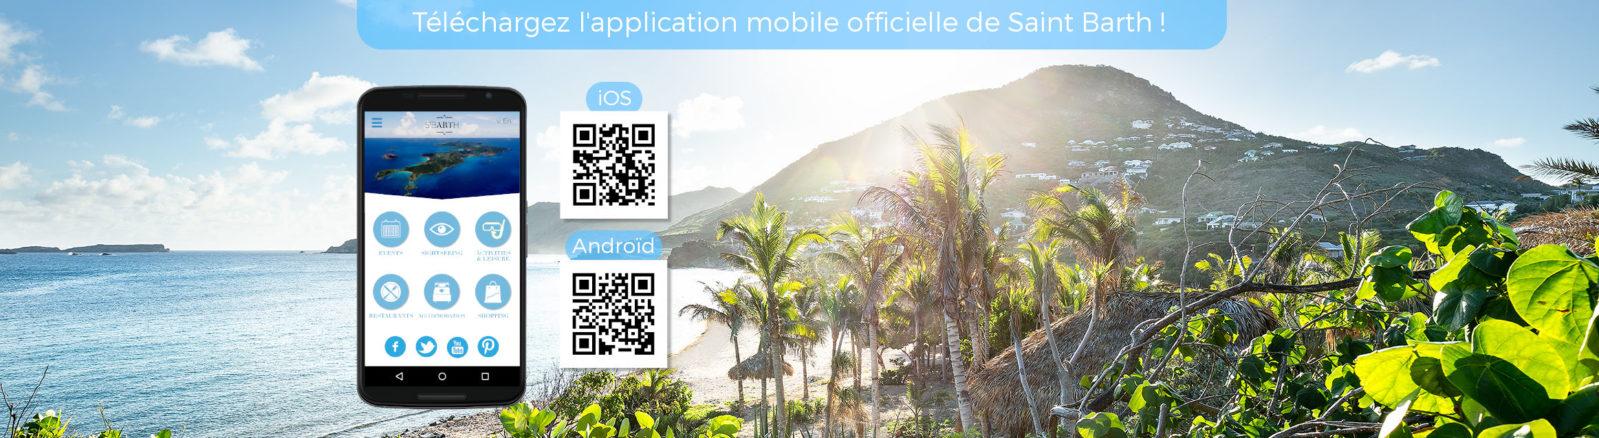 Bann-appli-mobile